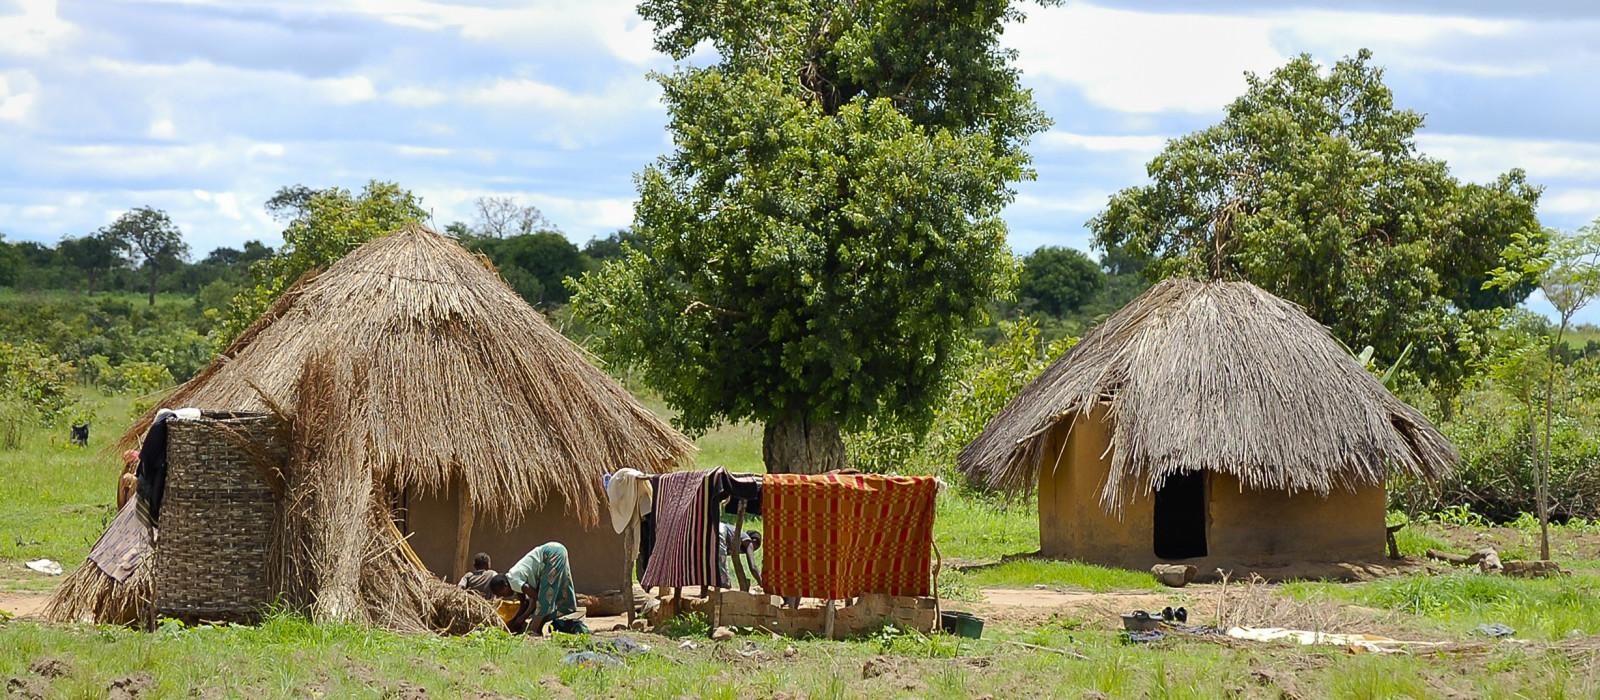 Culture of Zambia - village huts